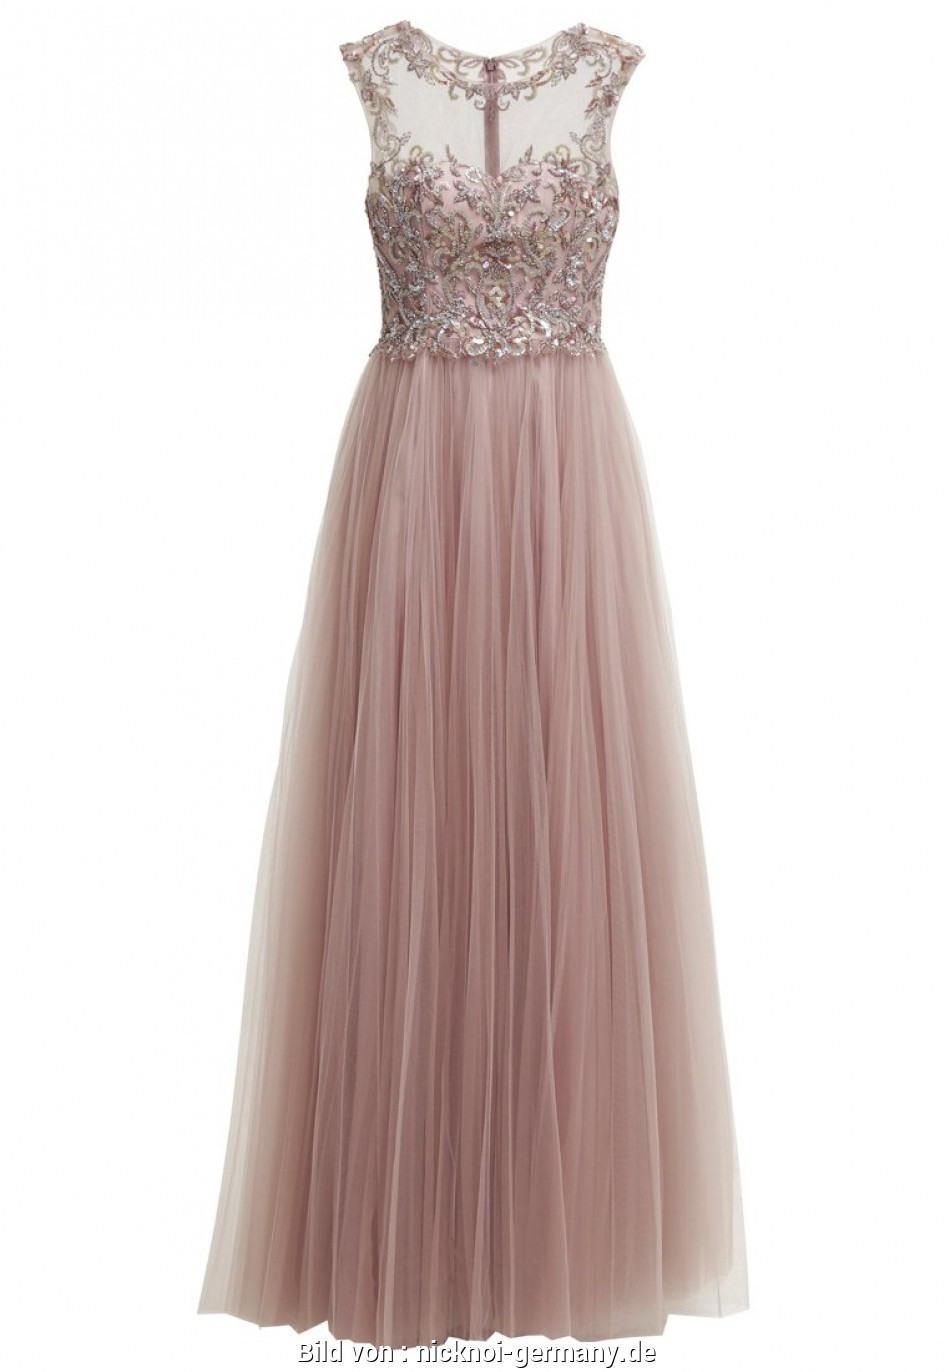 Formal Einfach Zalando Abendkleider Design15 Einfach Zalando Abendkleider Spezialgebiet